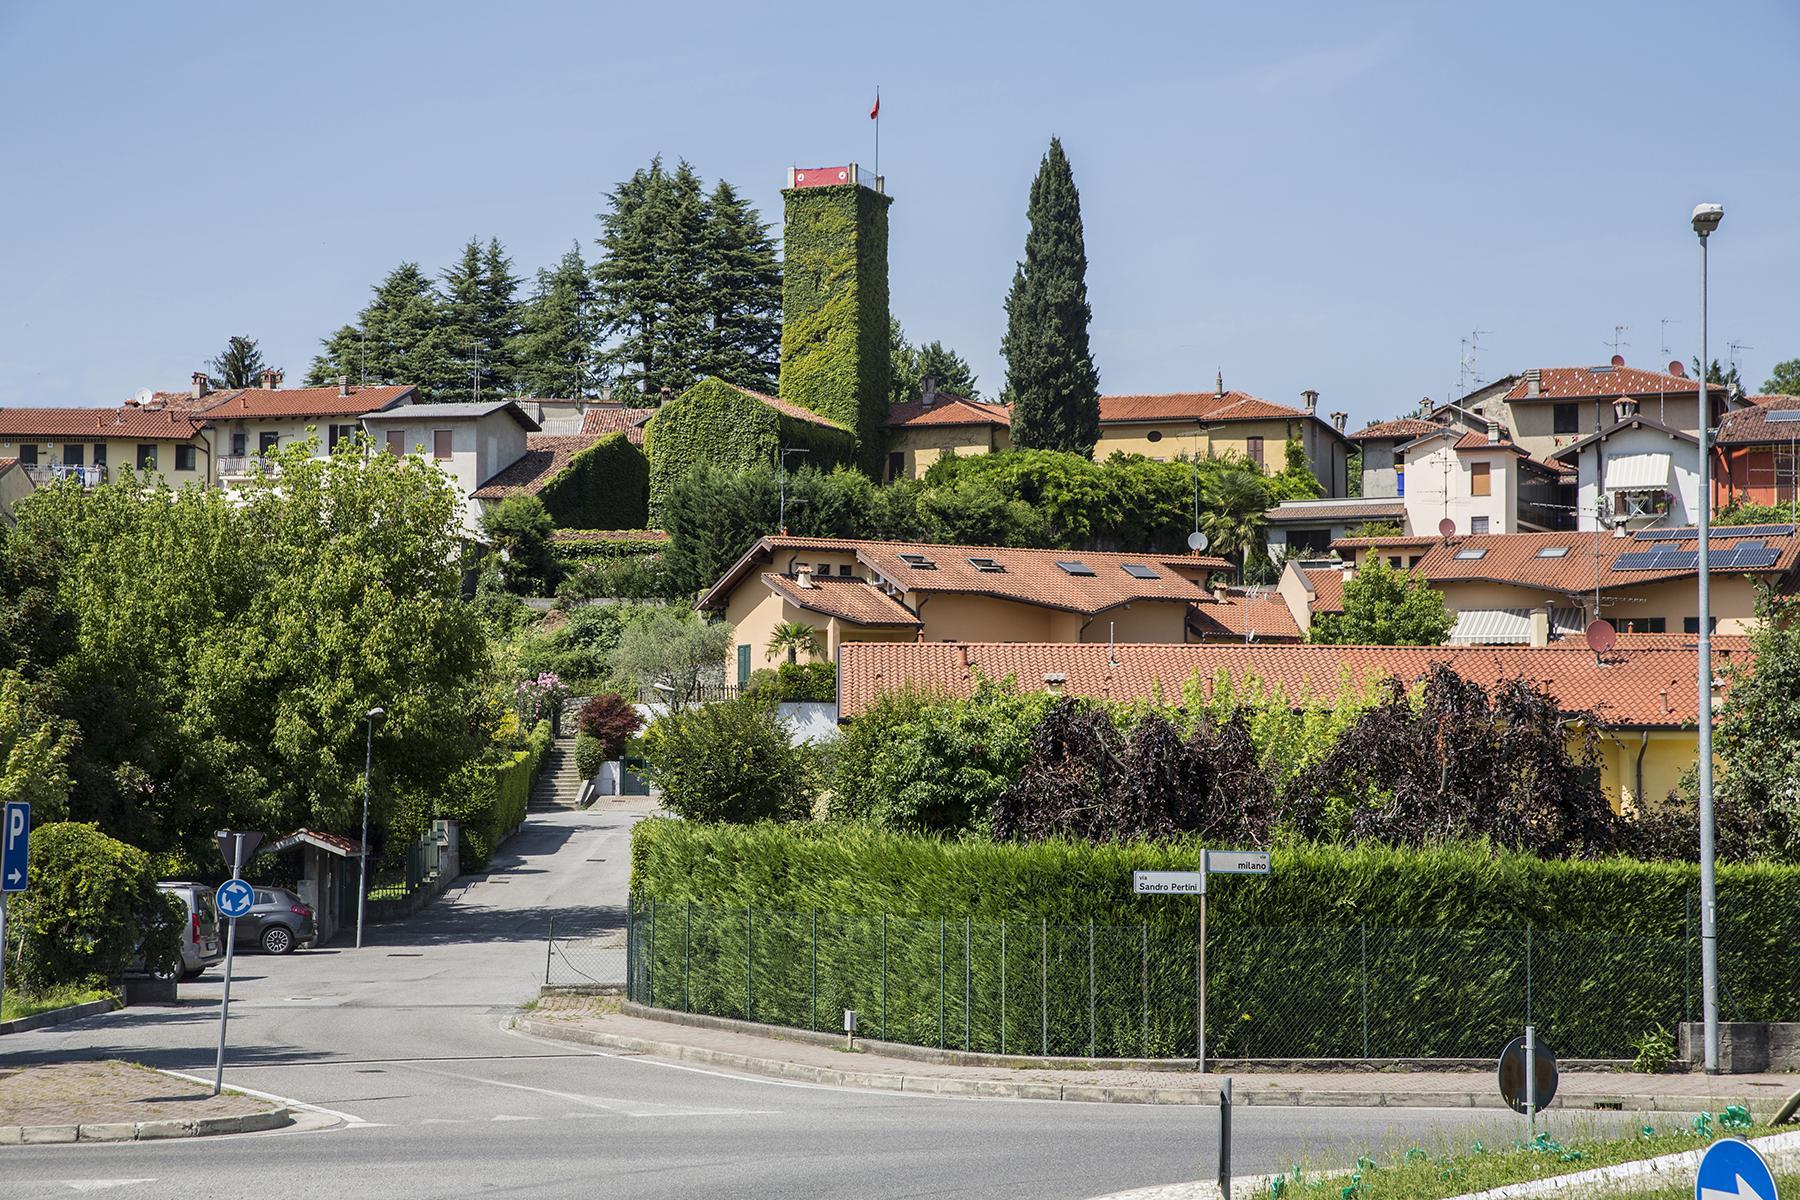 Magnifique bâtiment d'époque surplombant les collines de la « Brianza Lombarda » - 10